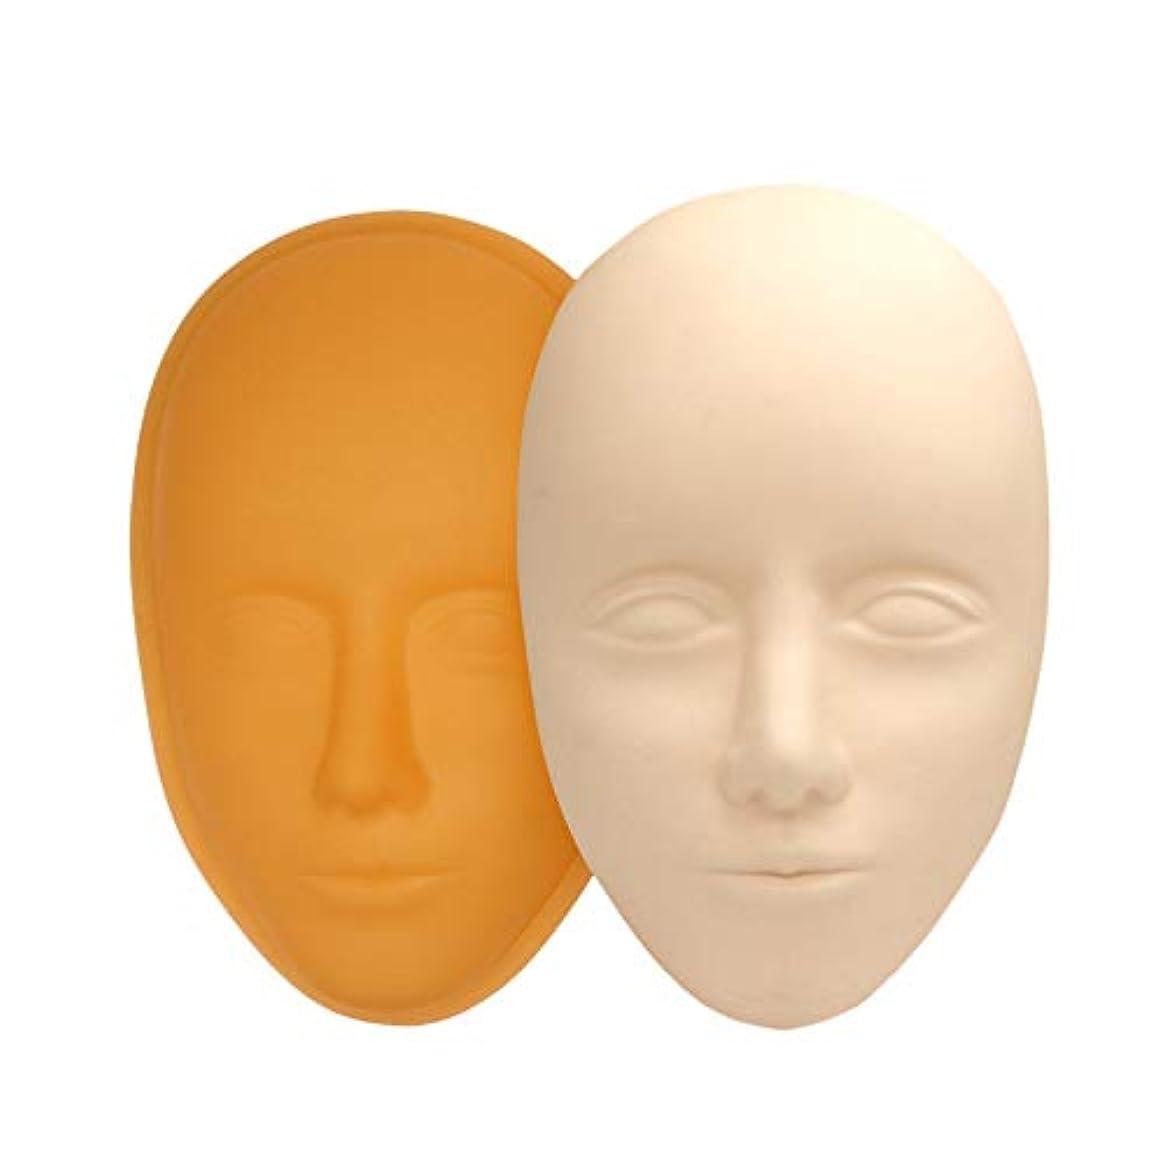 露出度の高い入射センチメートルSODIAL 5D フェイシャル トレーニングのヘッド シリコン 練習用パーマネント化粧リップとアイブローのスキン マネキン人形 フェイス ヘッド